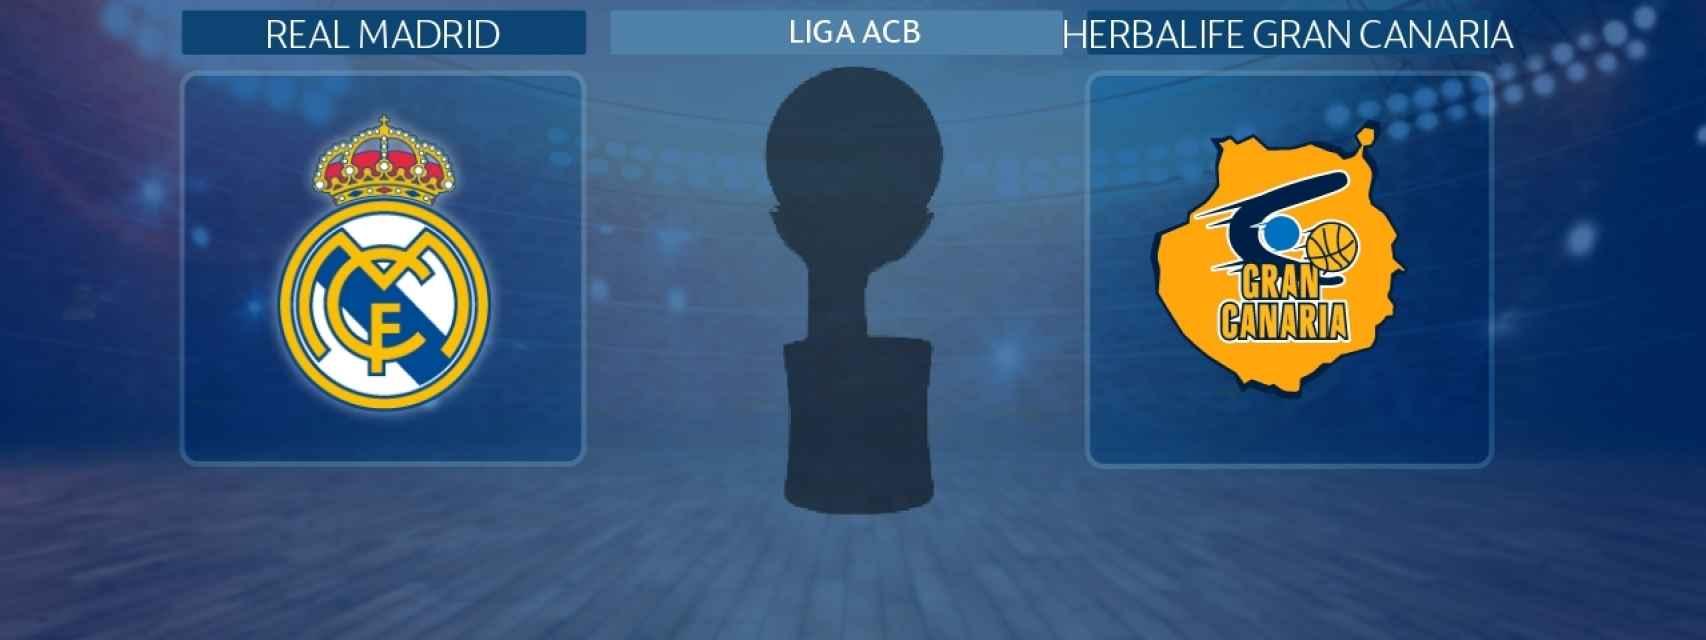 Real Madrid - Herbalife Gran Canaria